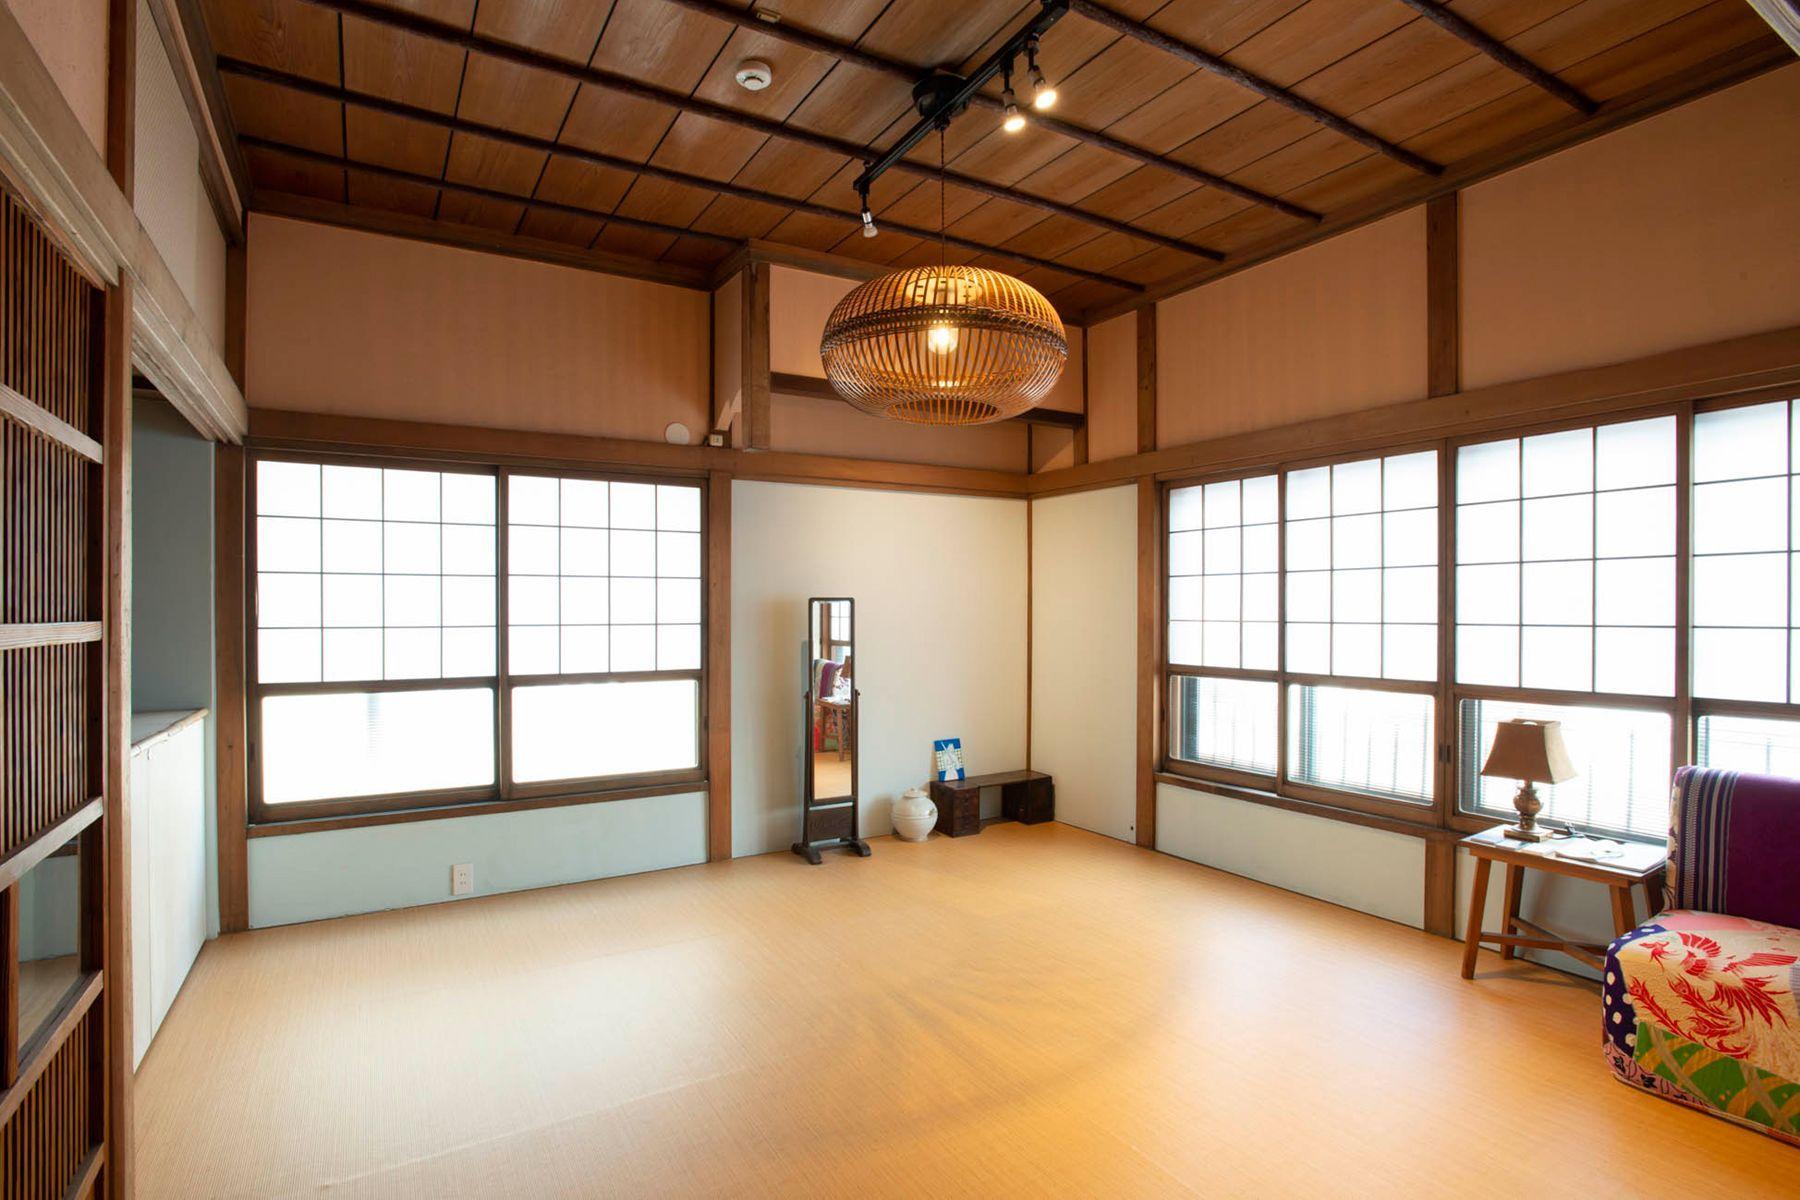 江戸端会議室 (エドバタカイギシツ)洗面 独特な屏風絵の扉